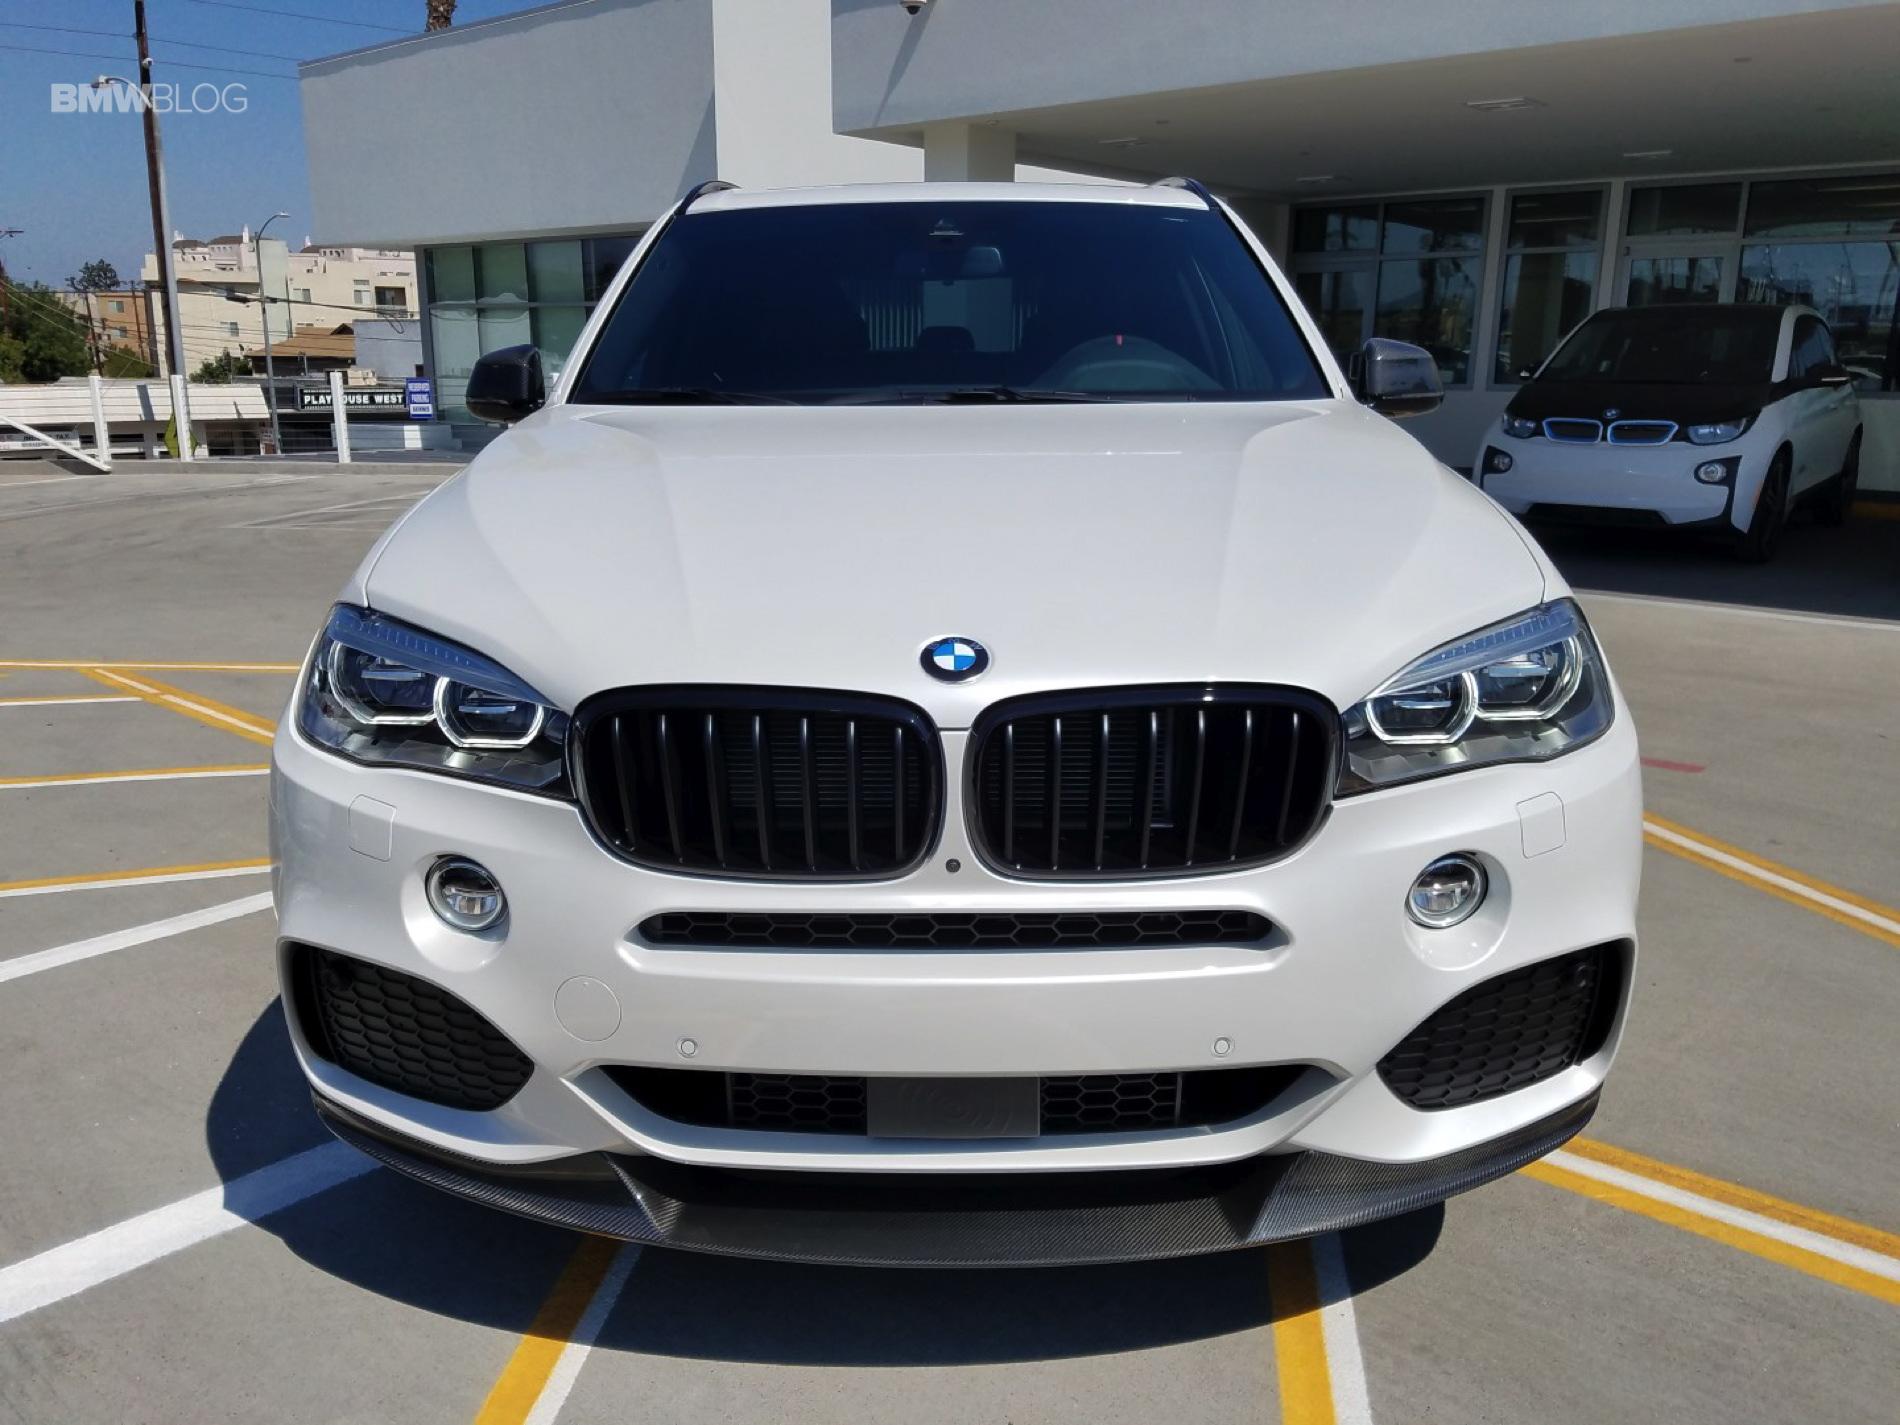 BMW X5 35d M Performance Parts 9